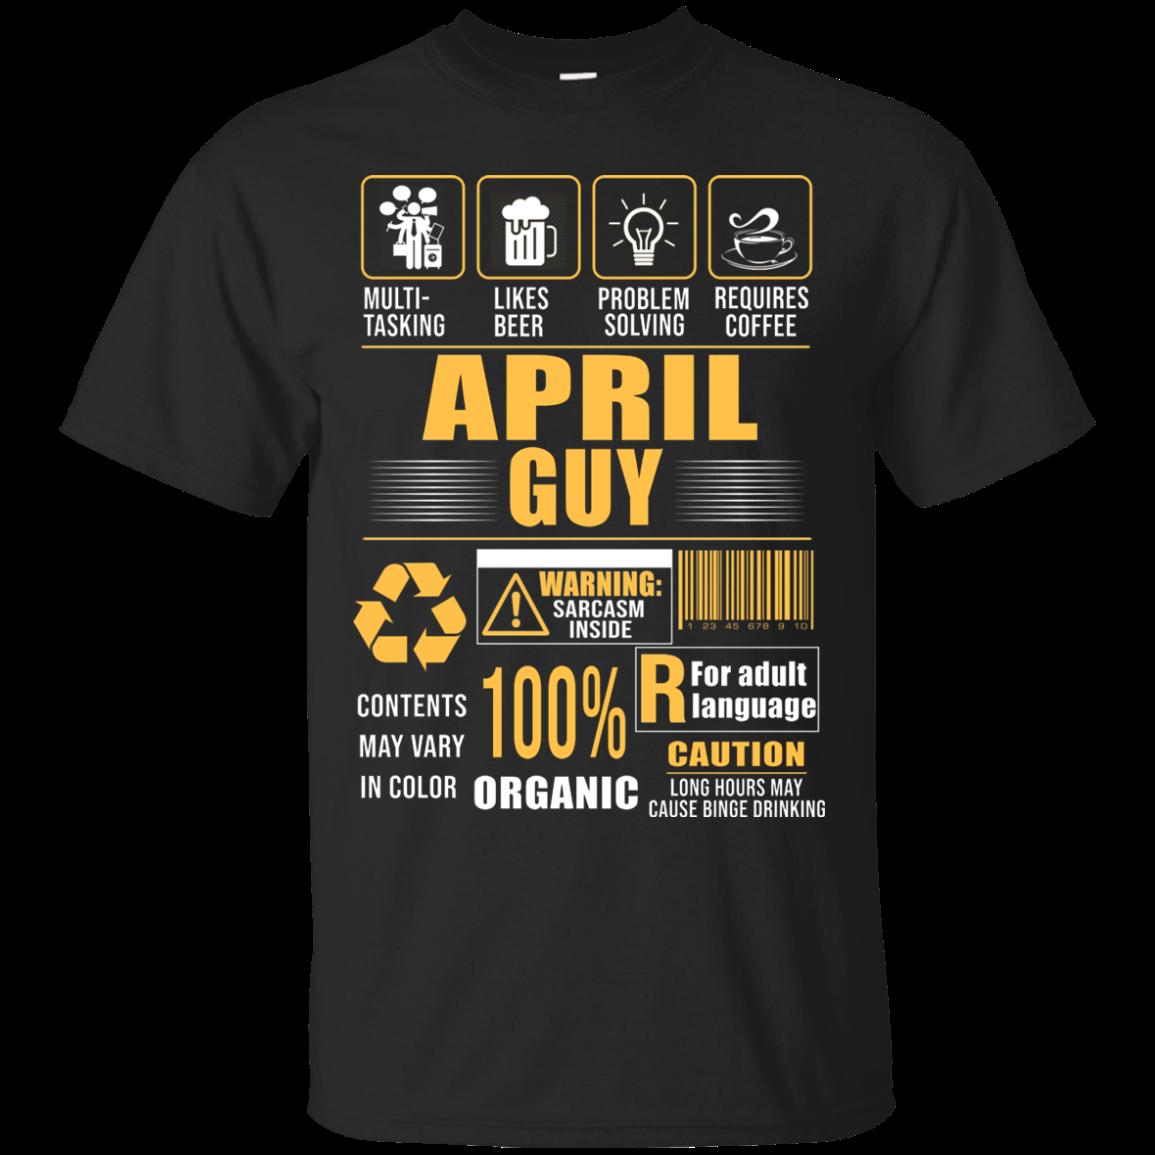 Order April Guy Multitasking Shirt